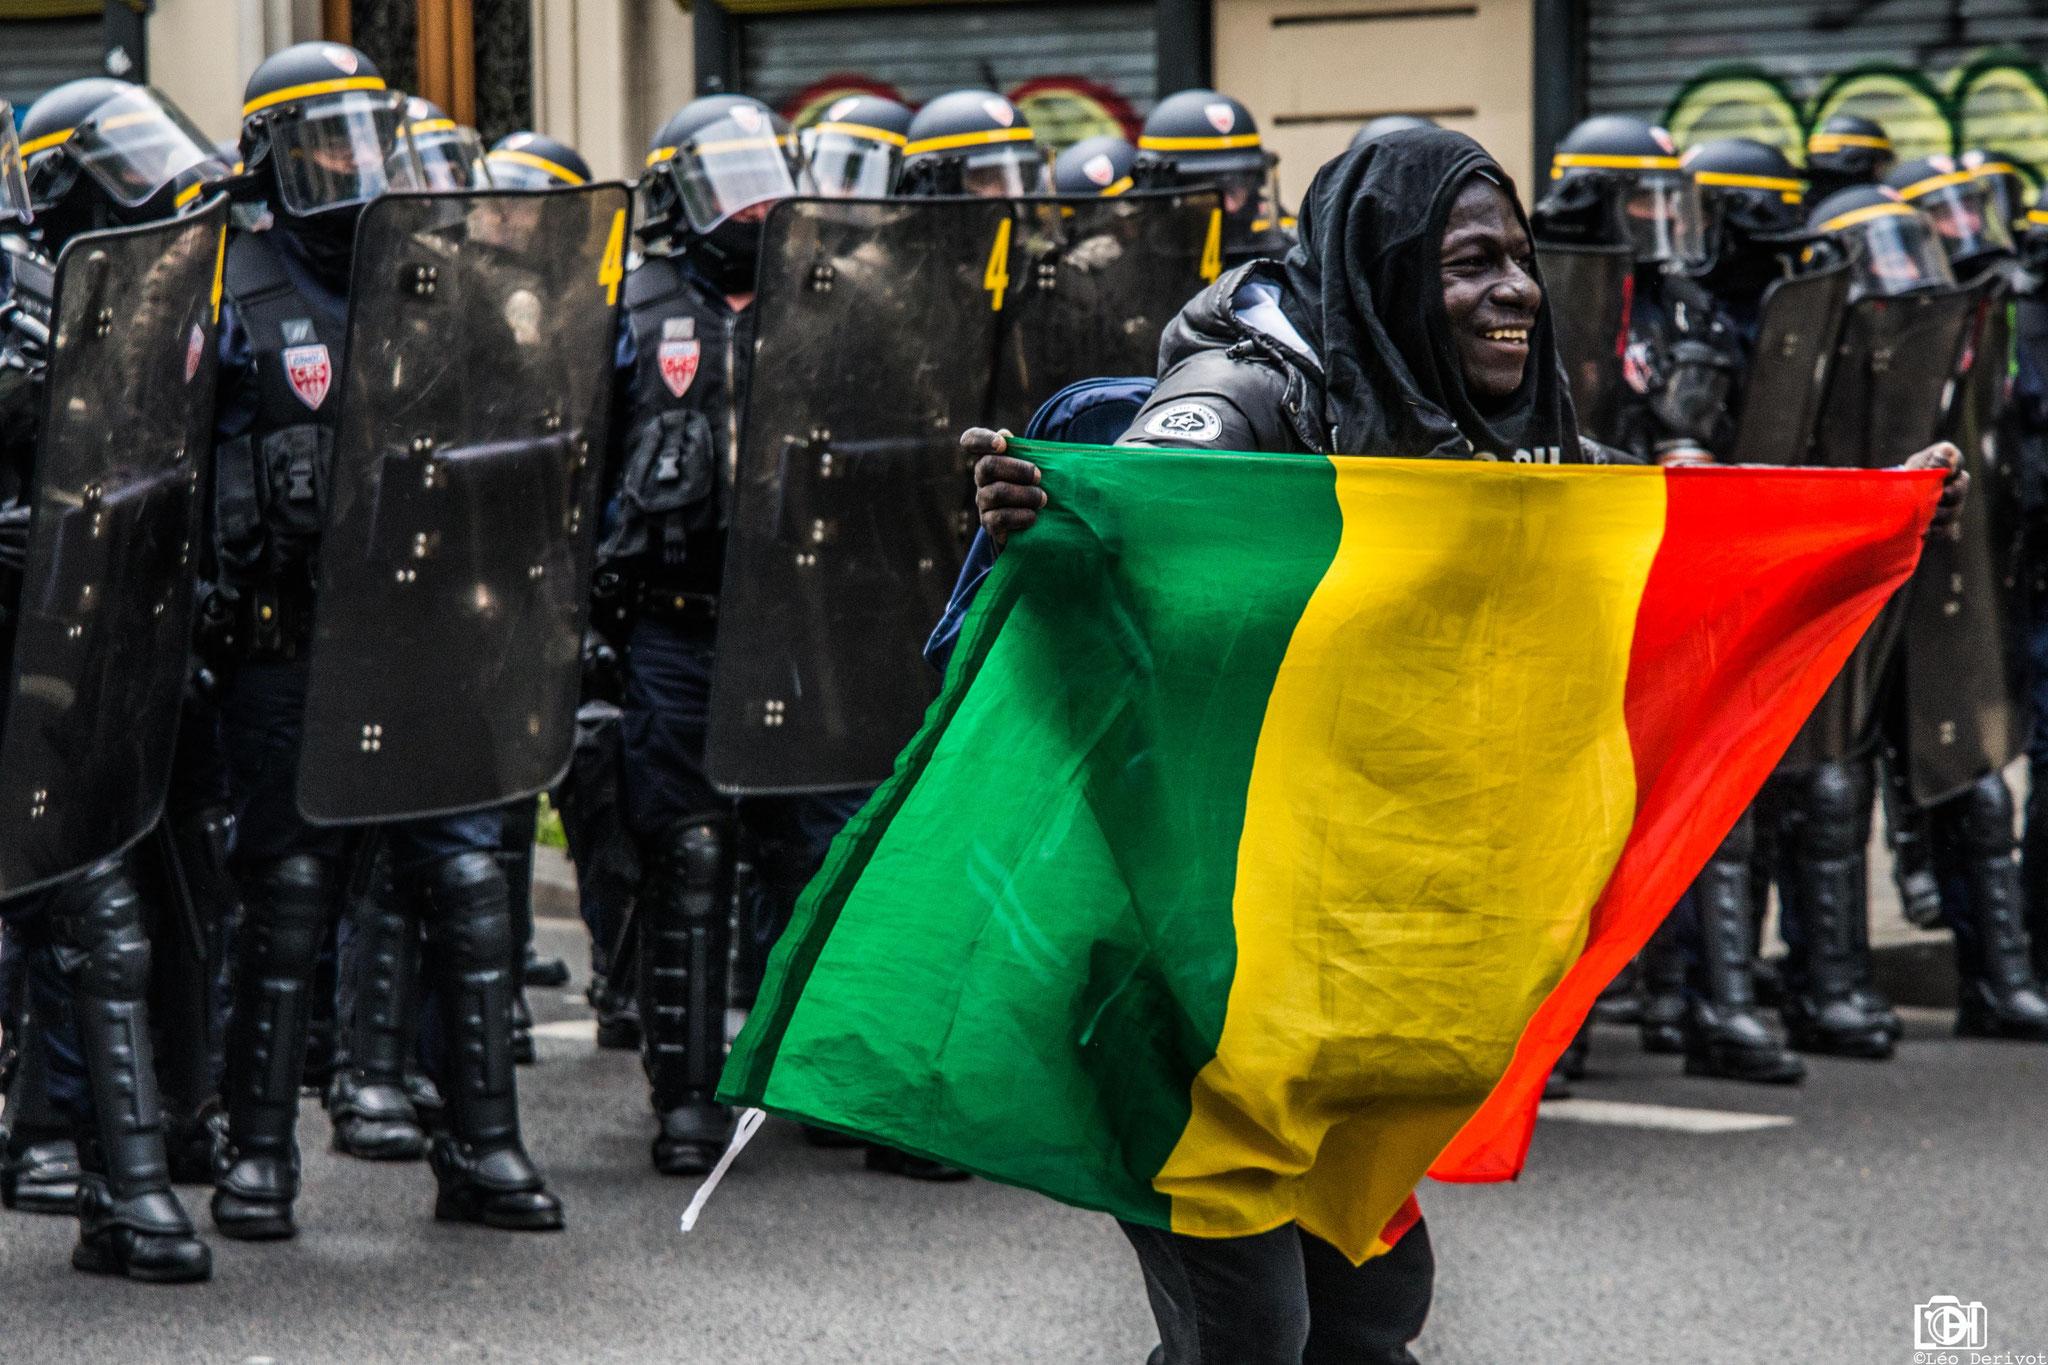 Manifestation contre la loi travail, Paris, 2017